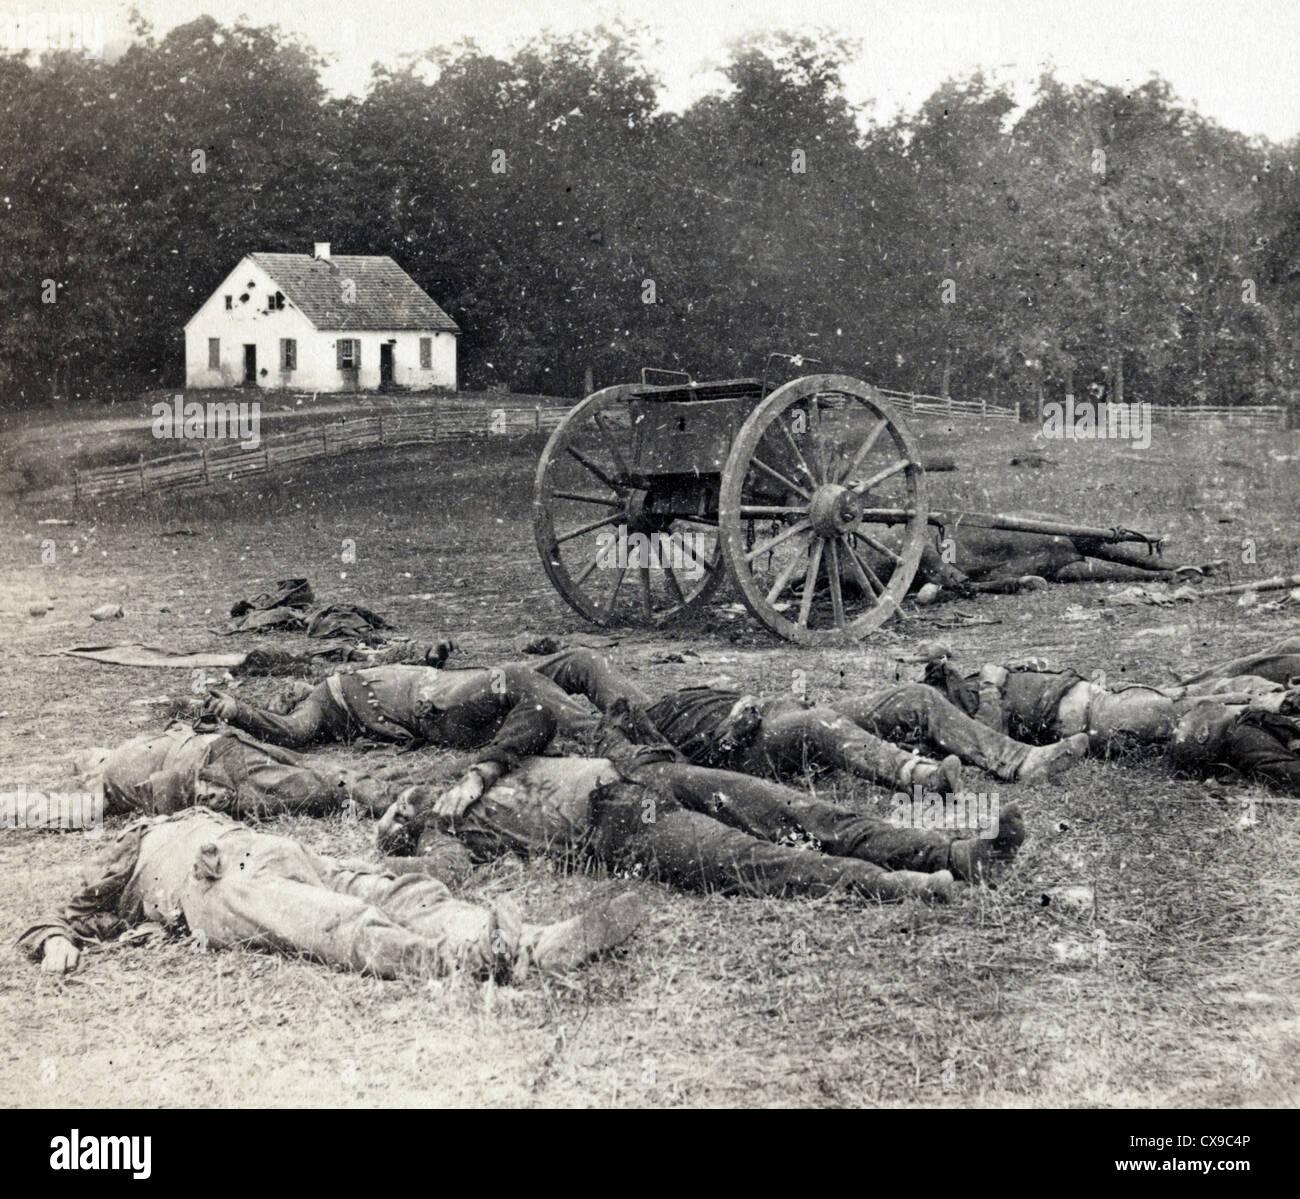 Bataille d'Antietam, également connu sous le nom de la bataille de Sharpsburg, guerre civile américaine Photo Stock